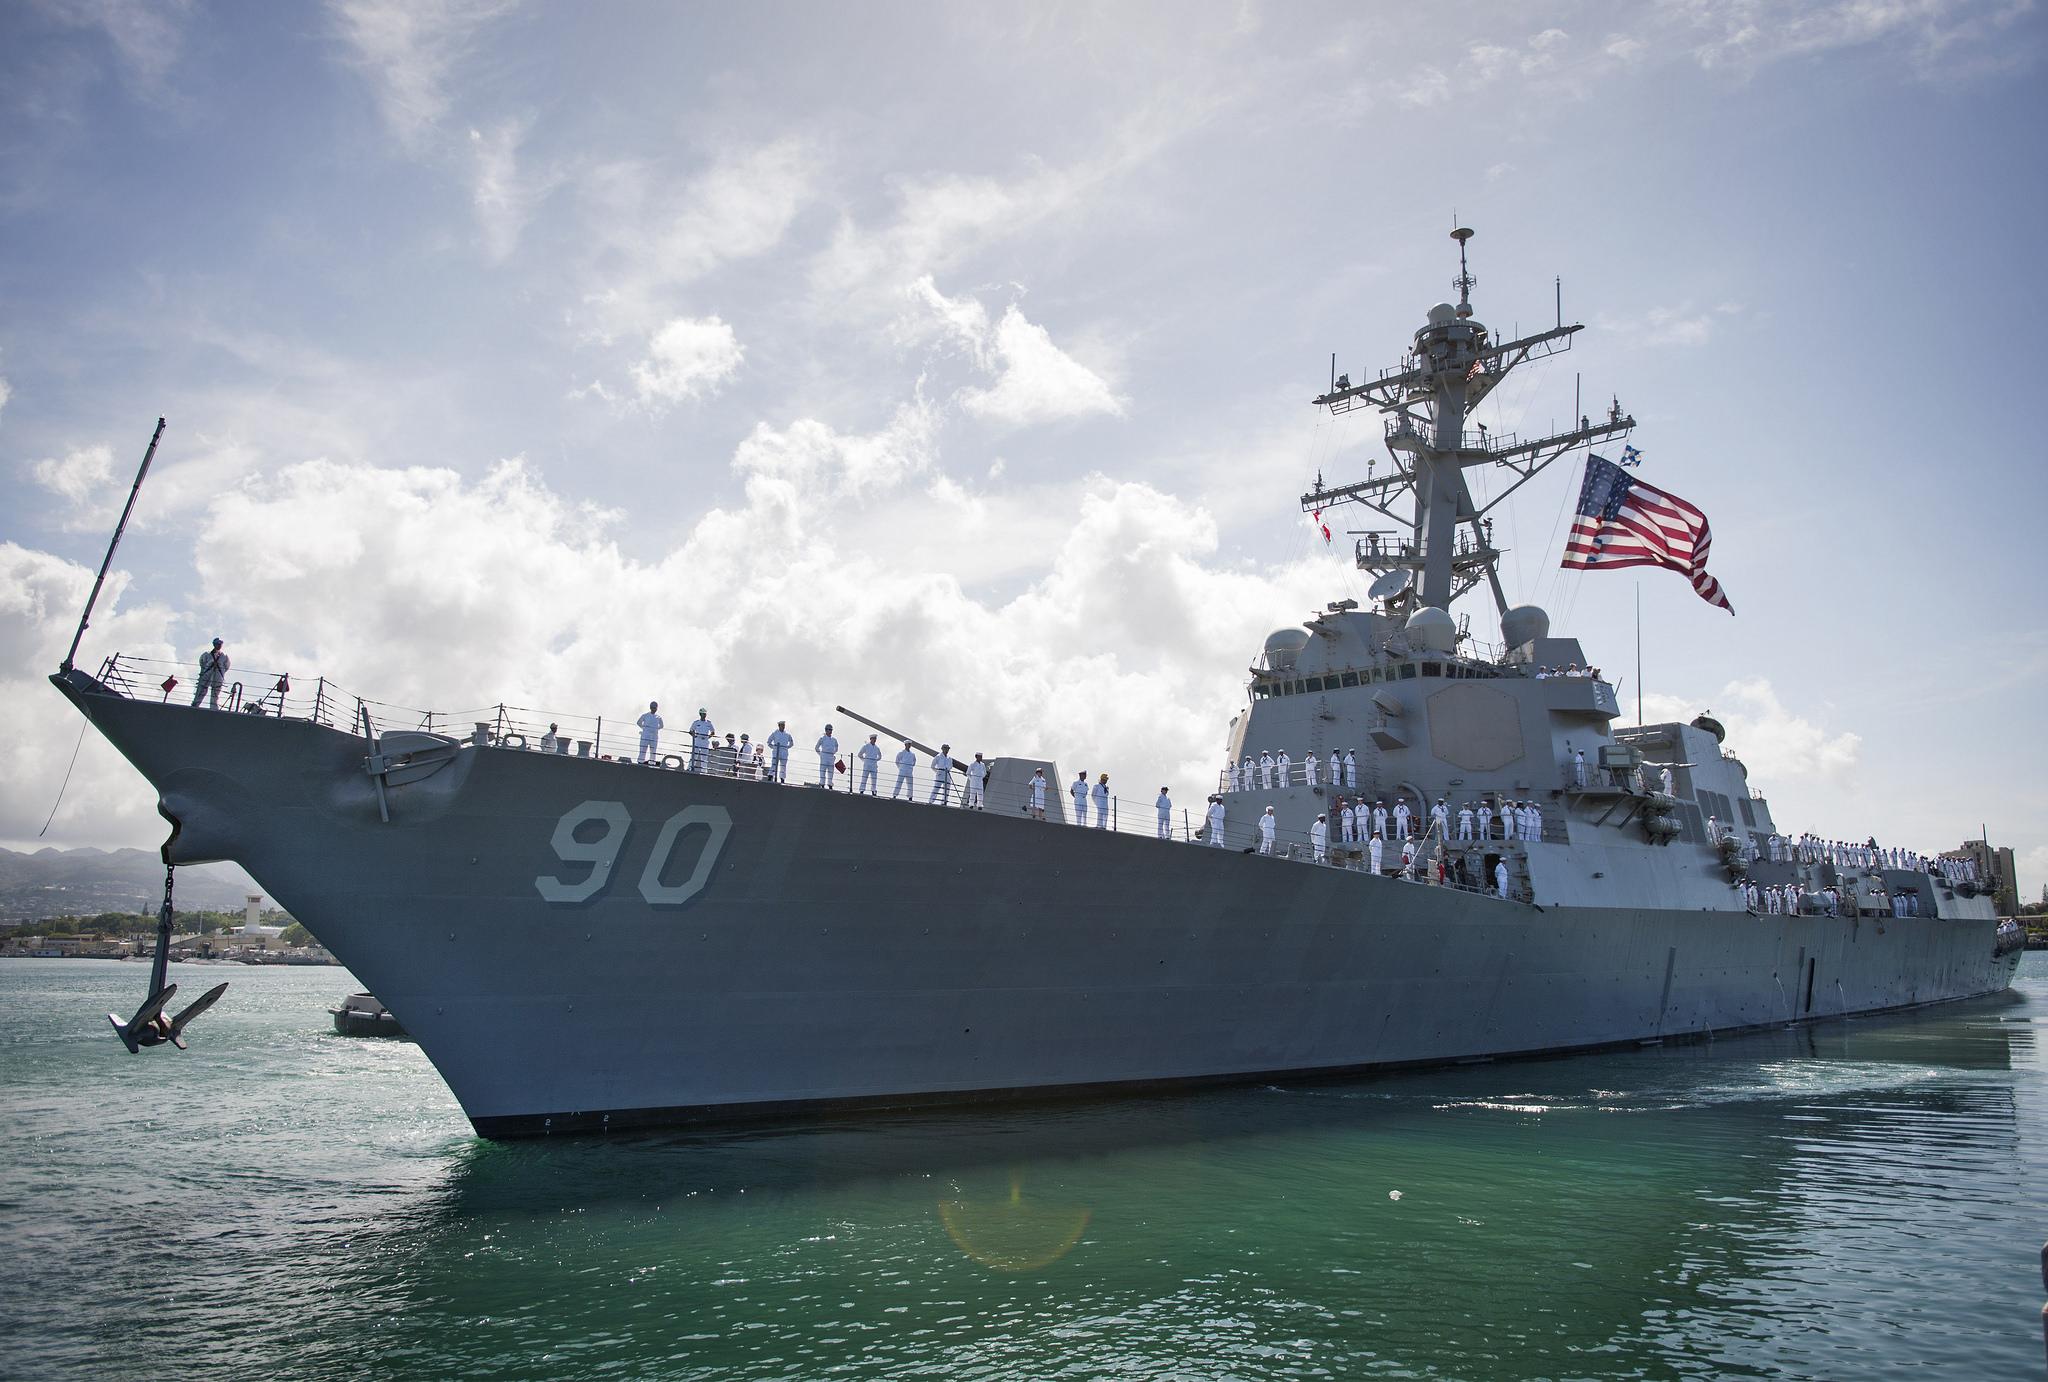 USS CHAFEE DDG-90 Auslaufen Pearl Harbor am 18.05.2015 Bild: U.S. Navy